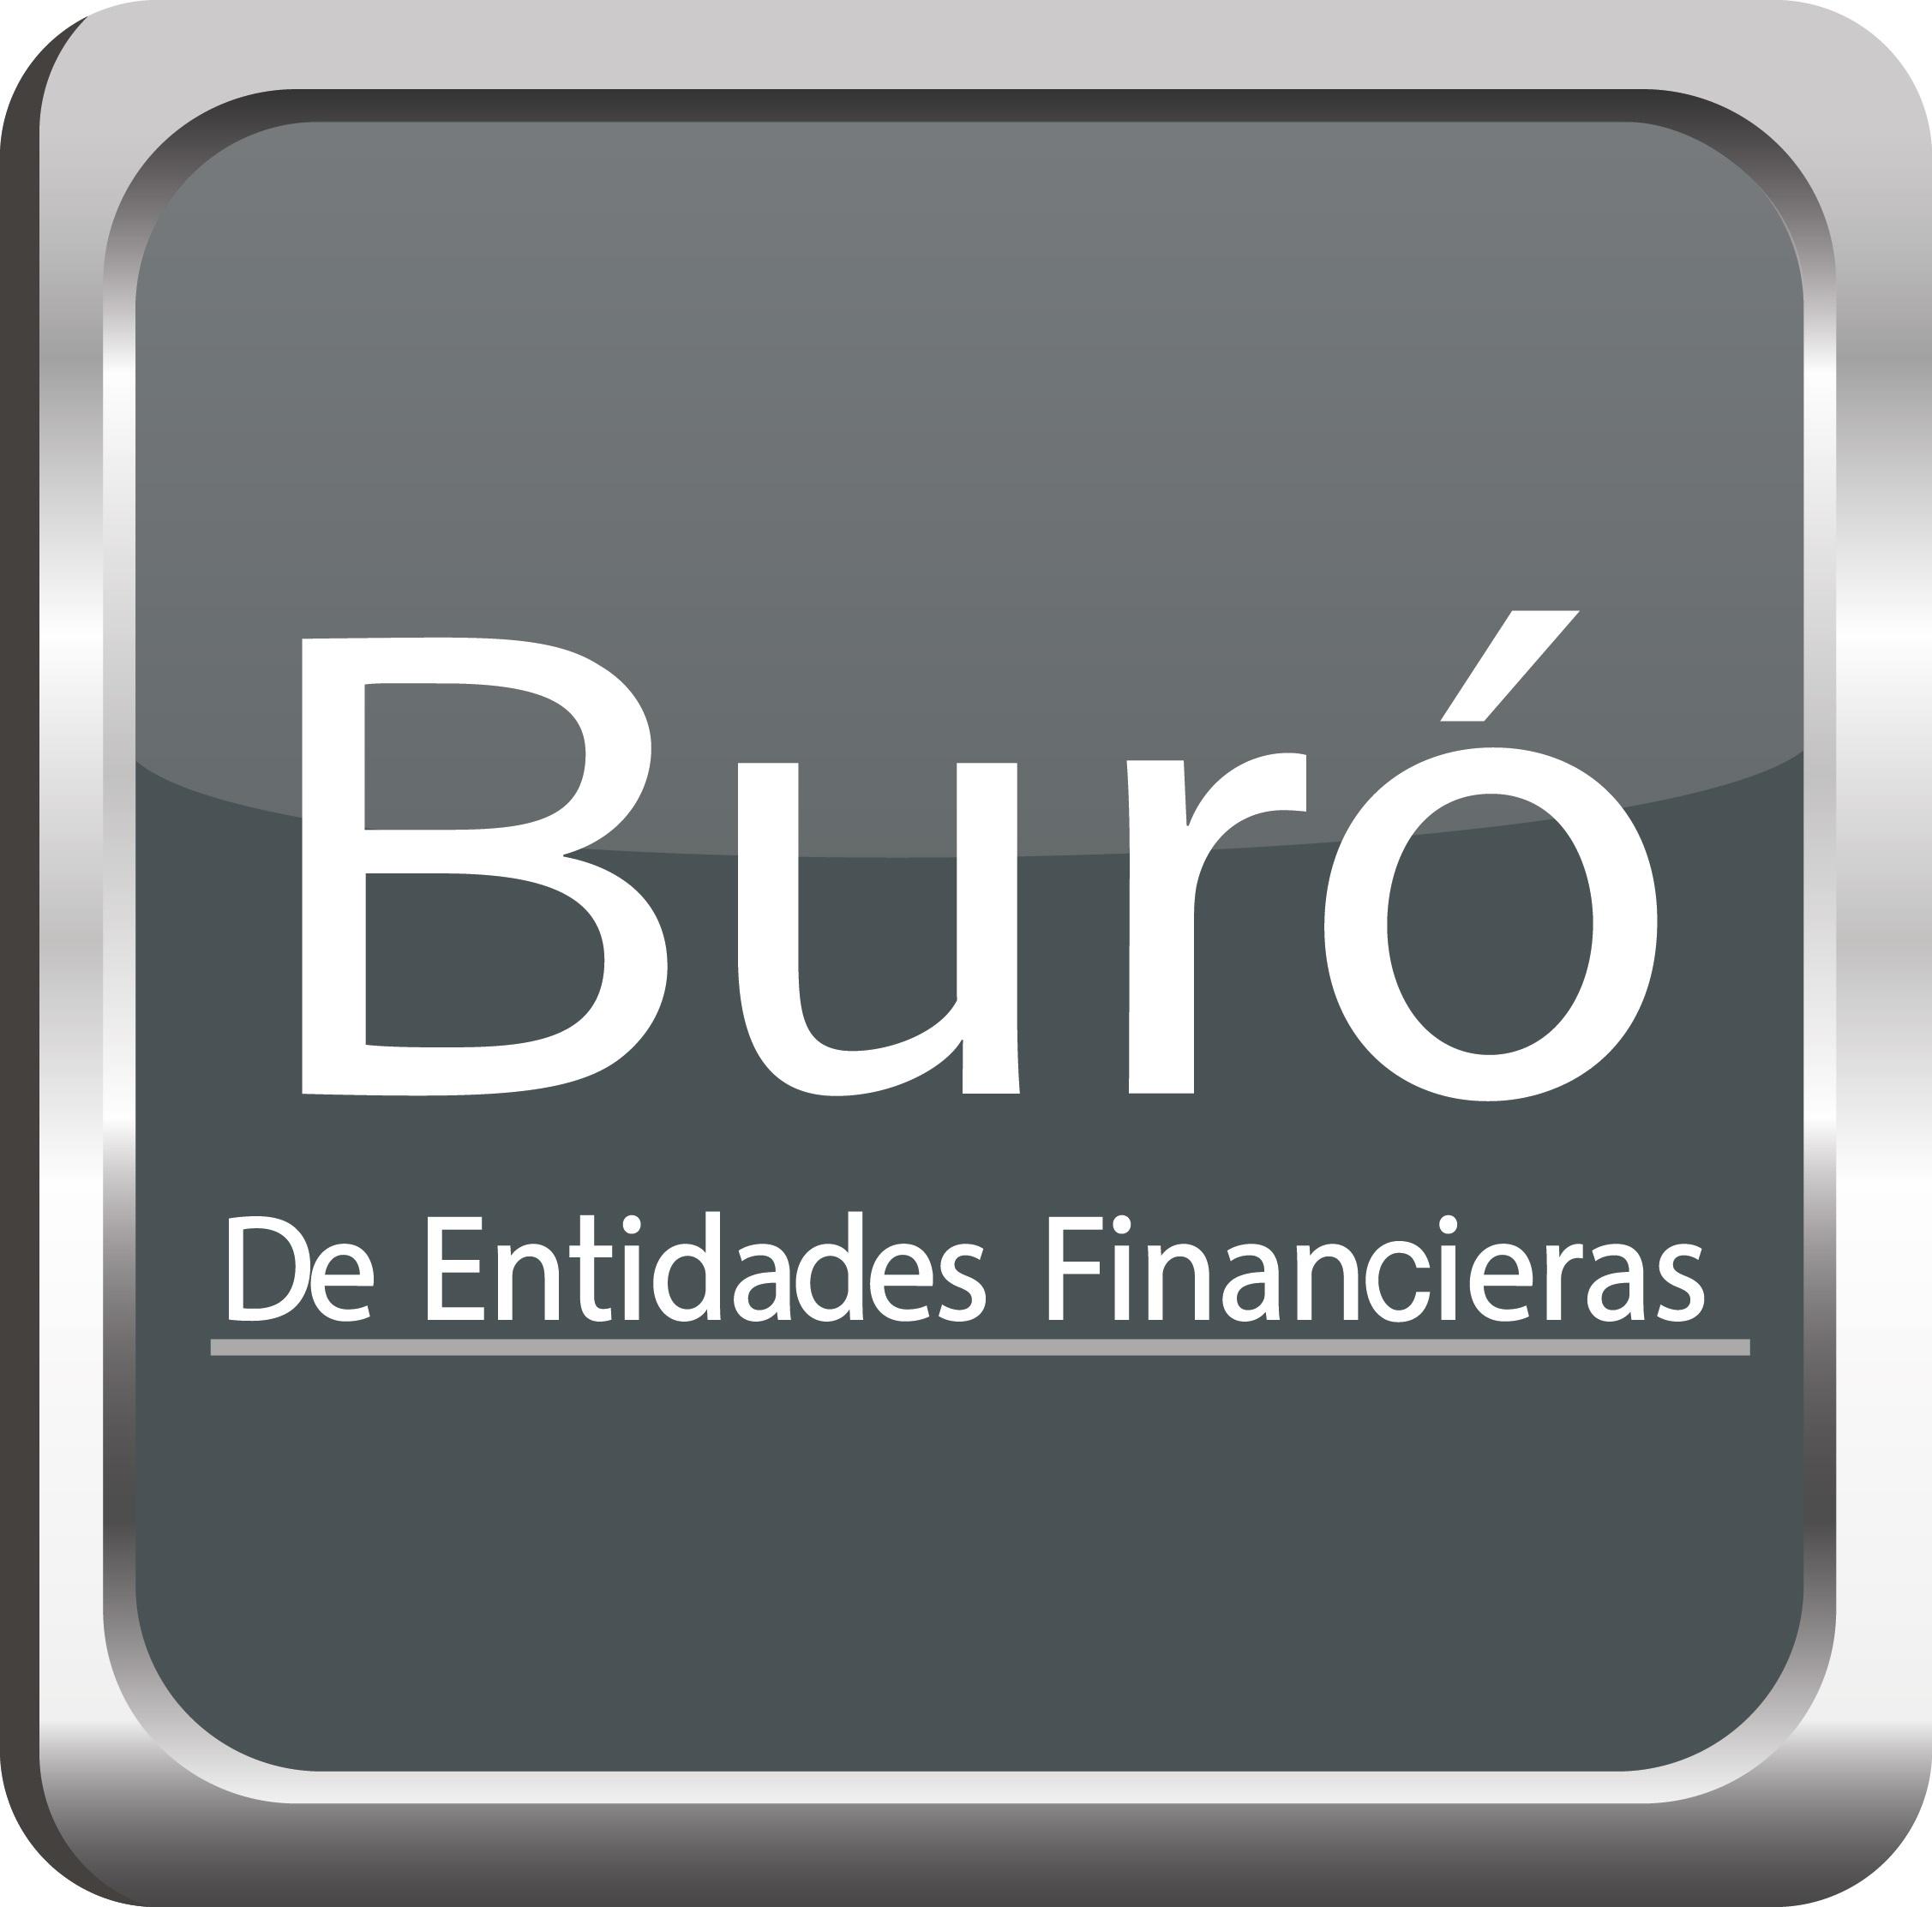 Usuario portal zurich cfdi for Buro espagnol